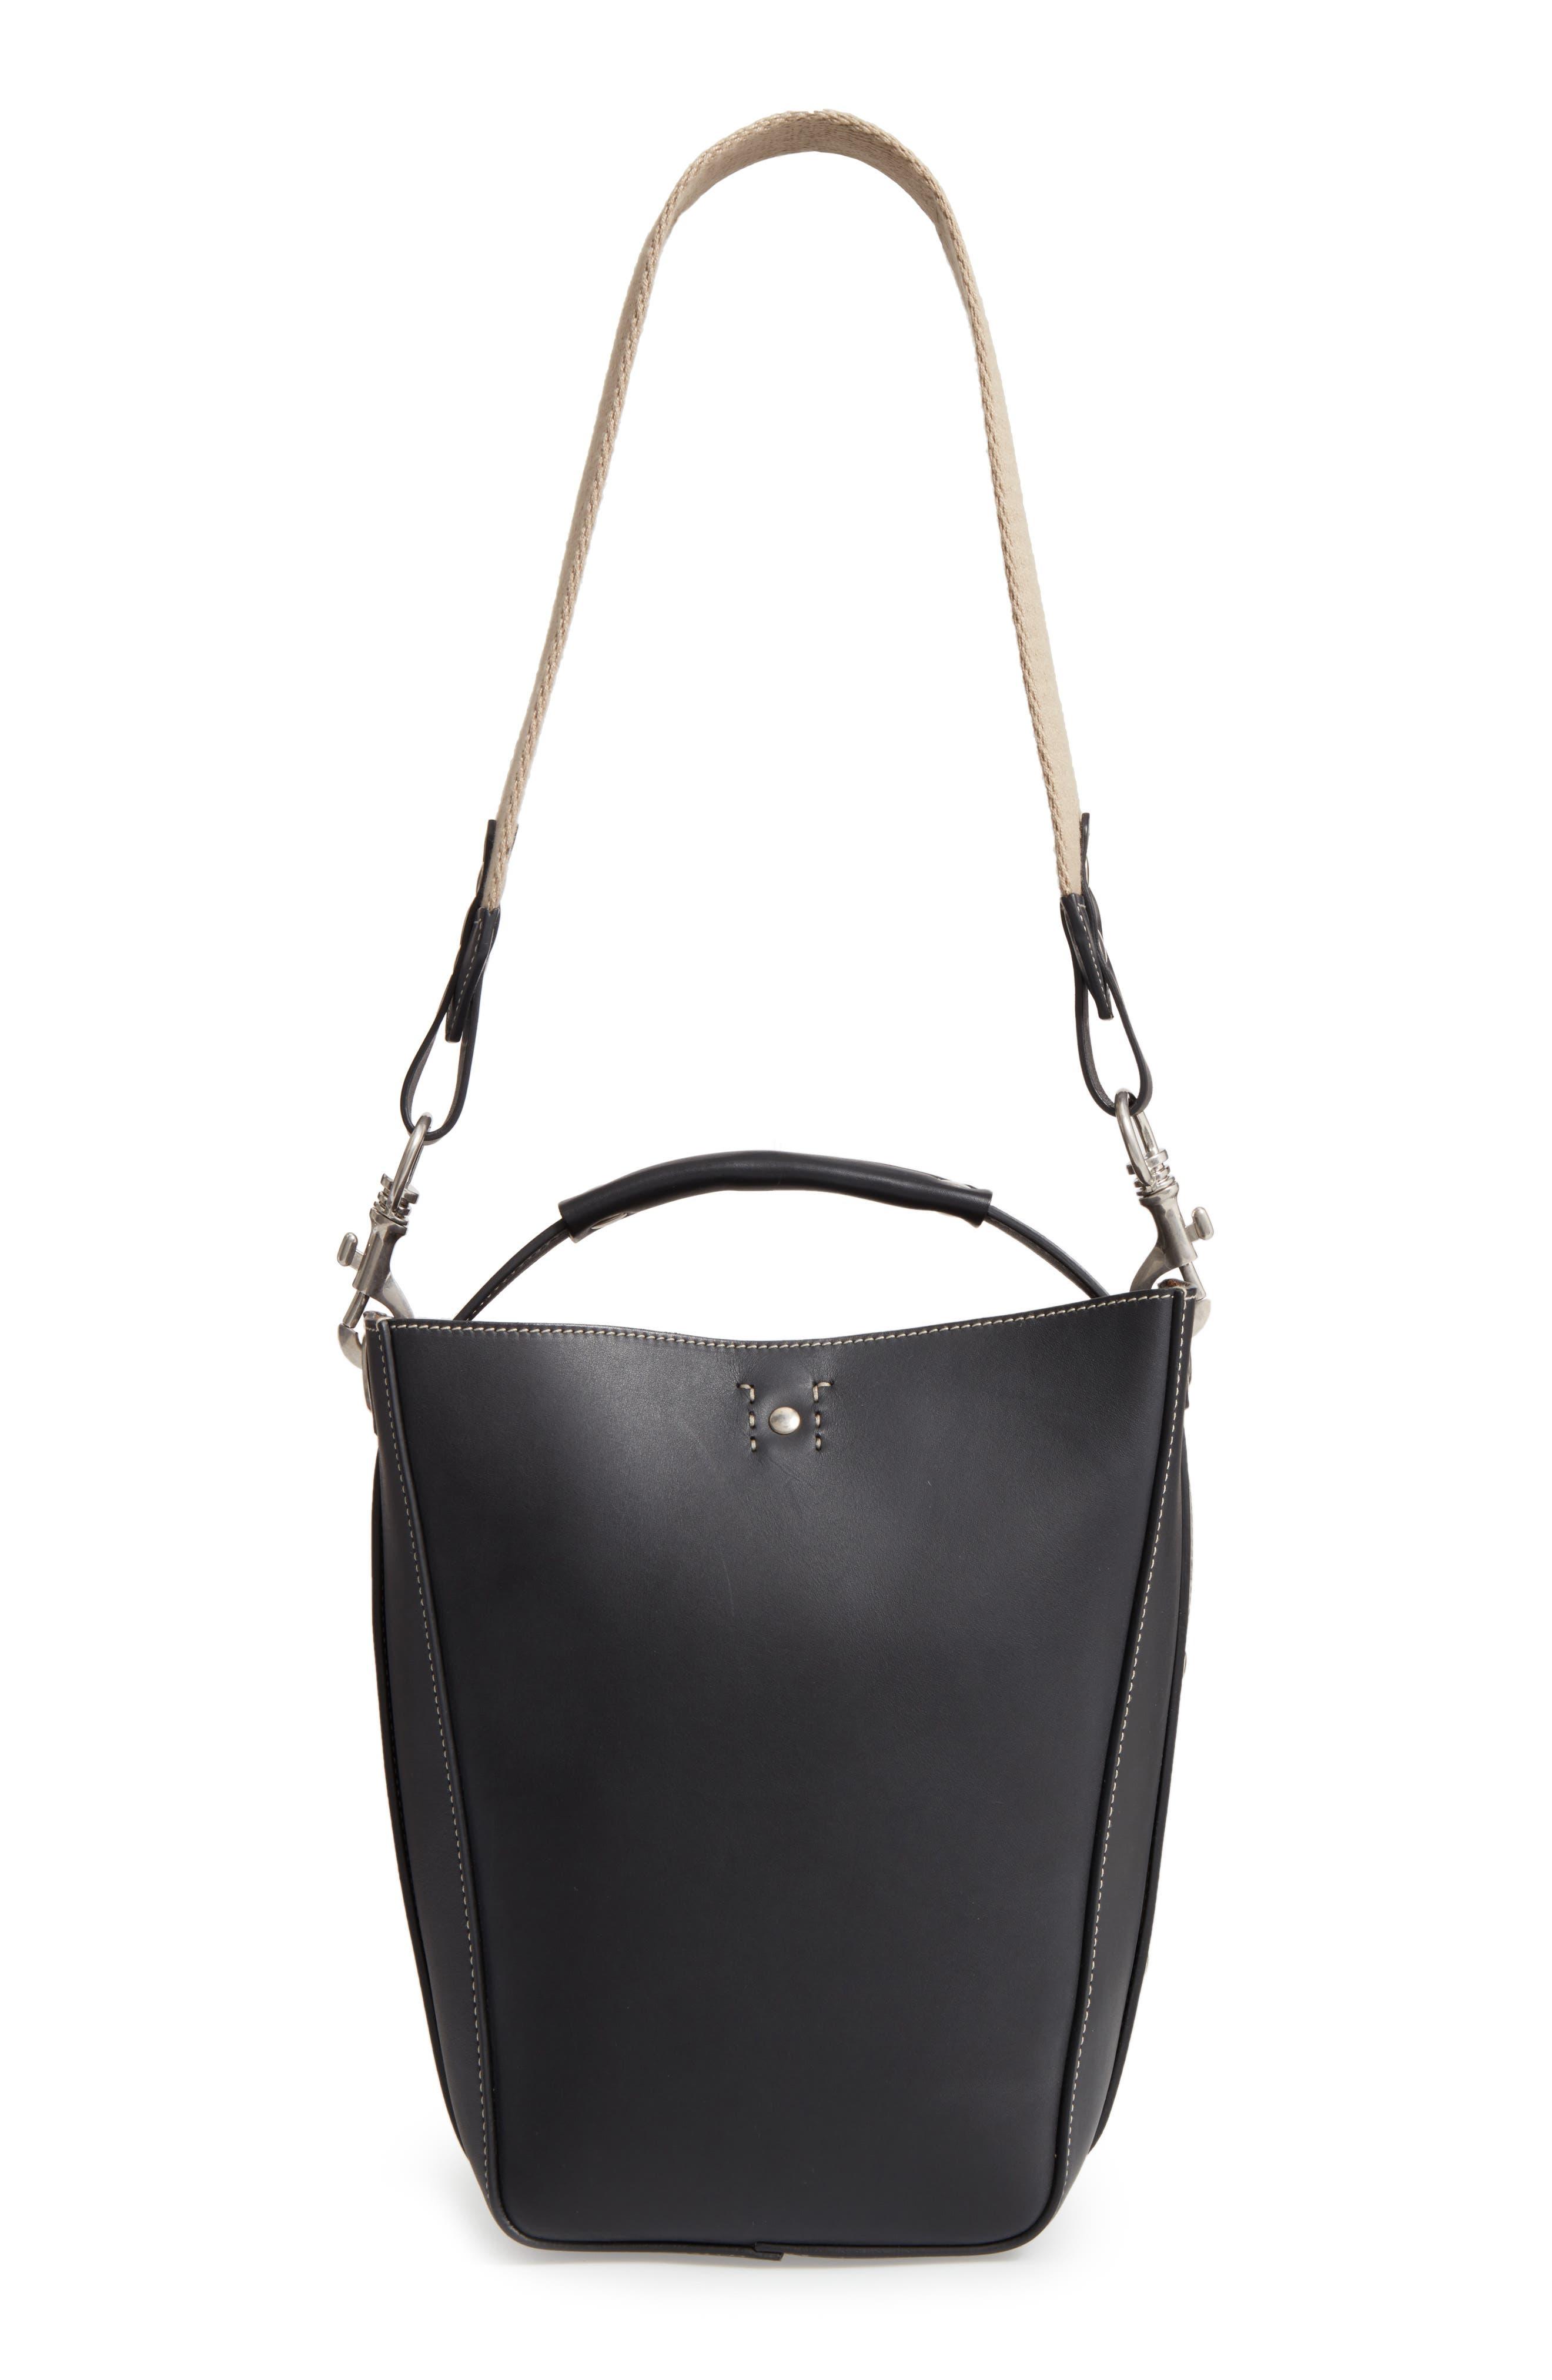 Ghurka Starlet Leather Bucket Bag